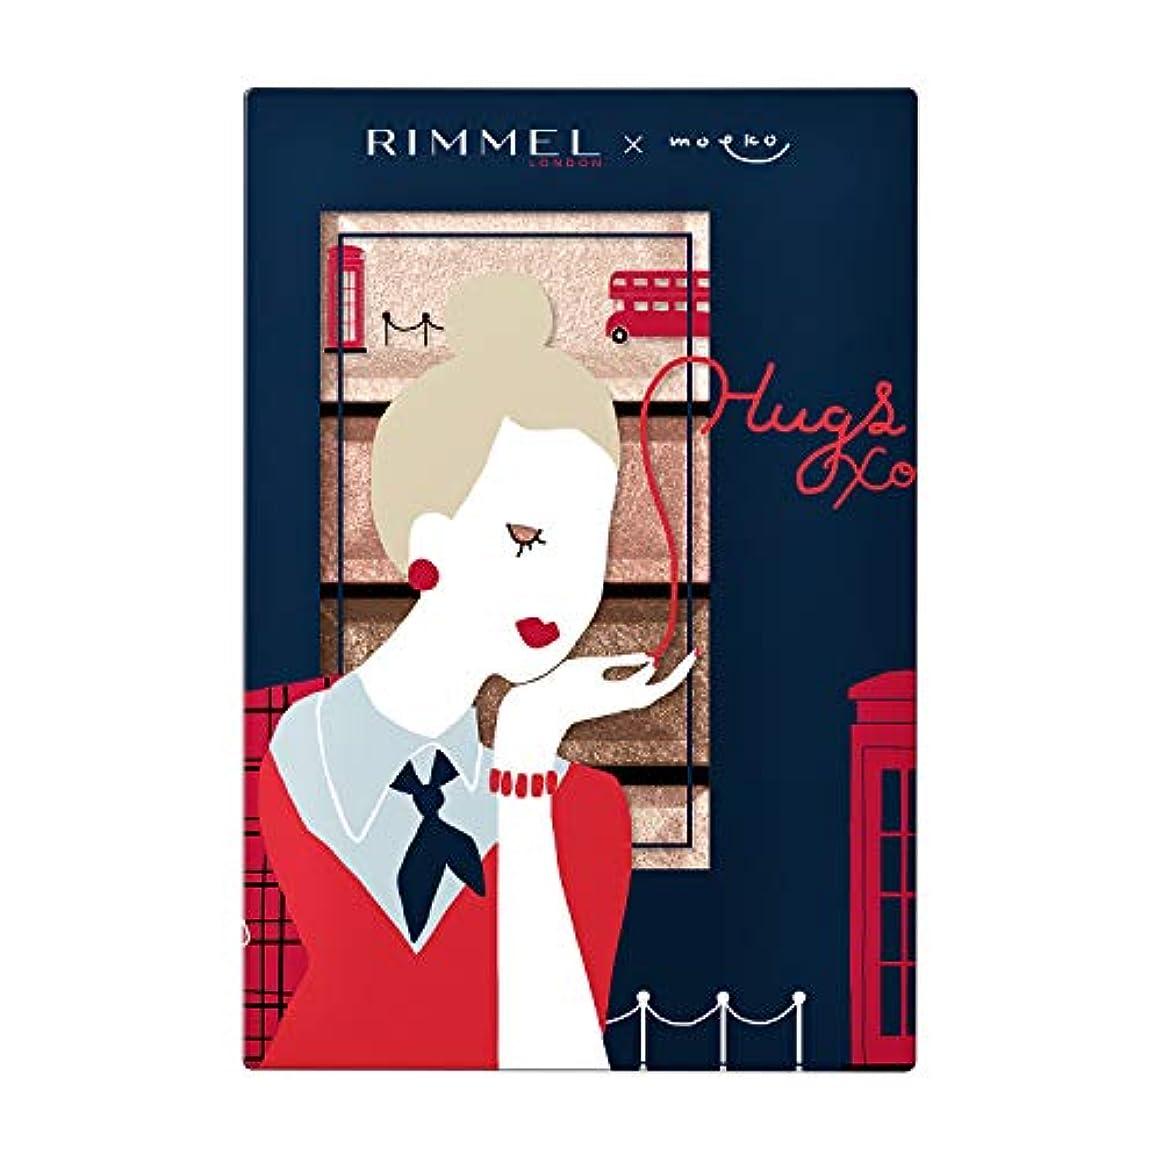 Rimmel (リンメル) ショコラスウィート アイズ アイシャドウ MO 015 ストロベリーショコラ 4.5g